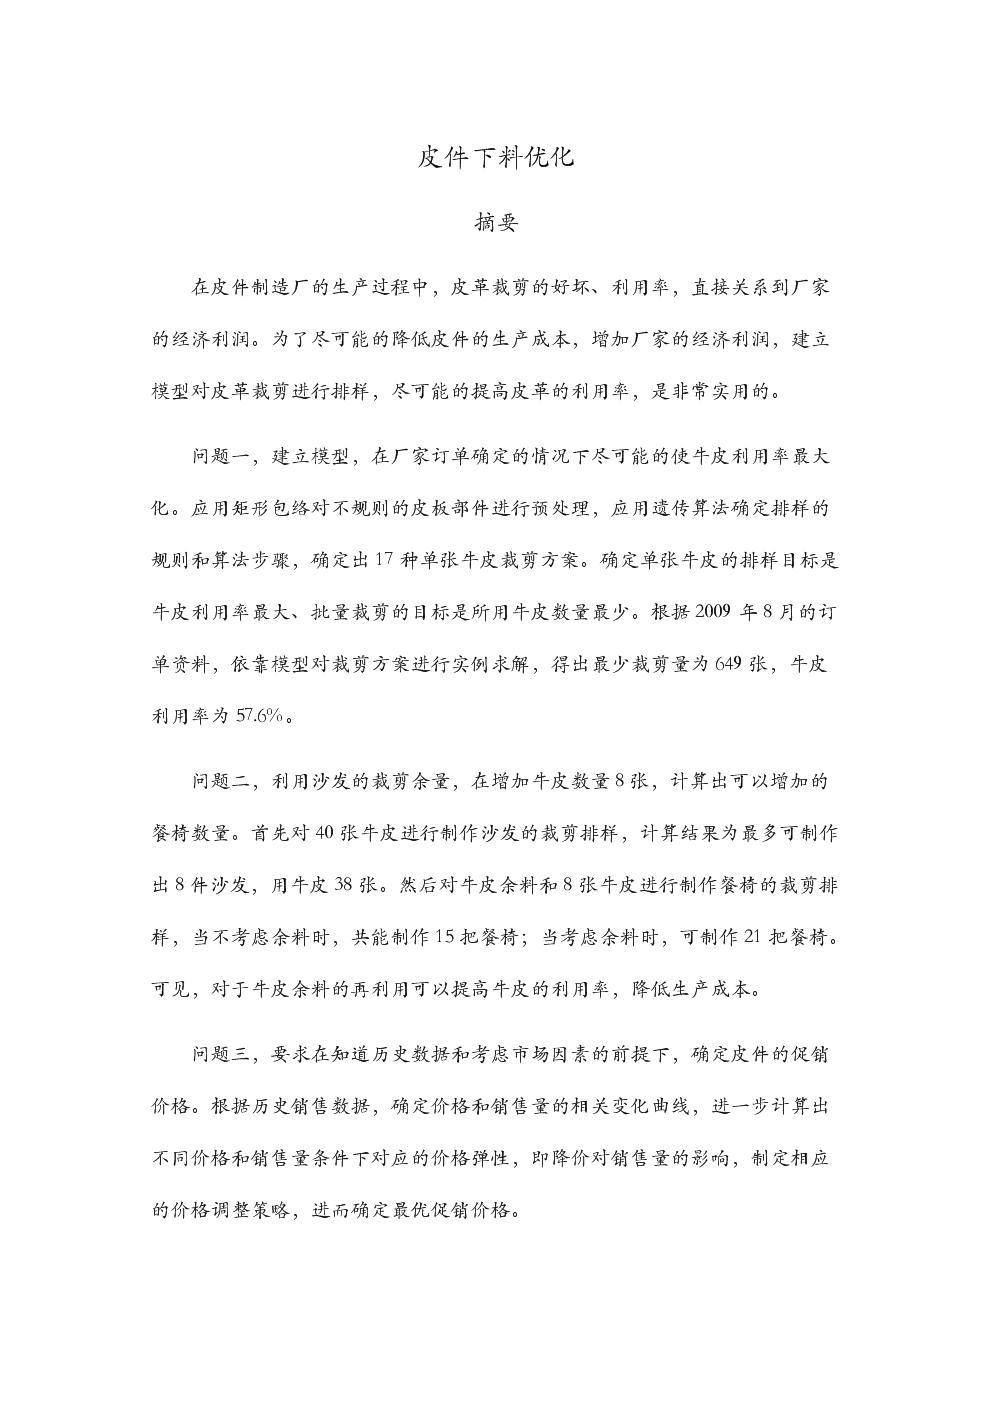 皮件下料优化-毕业论文.doc